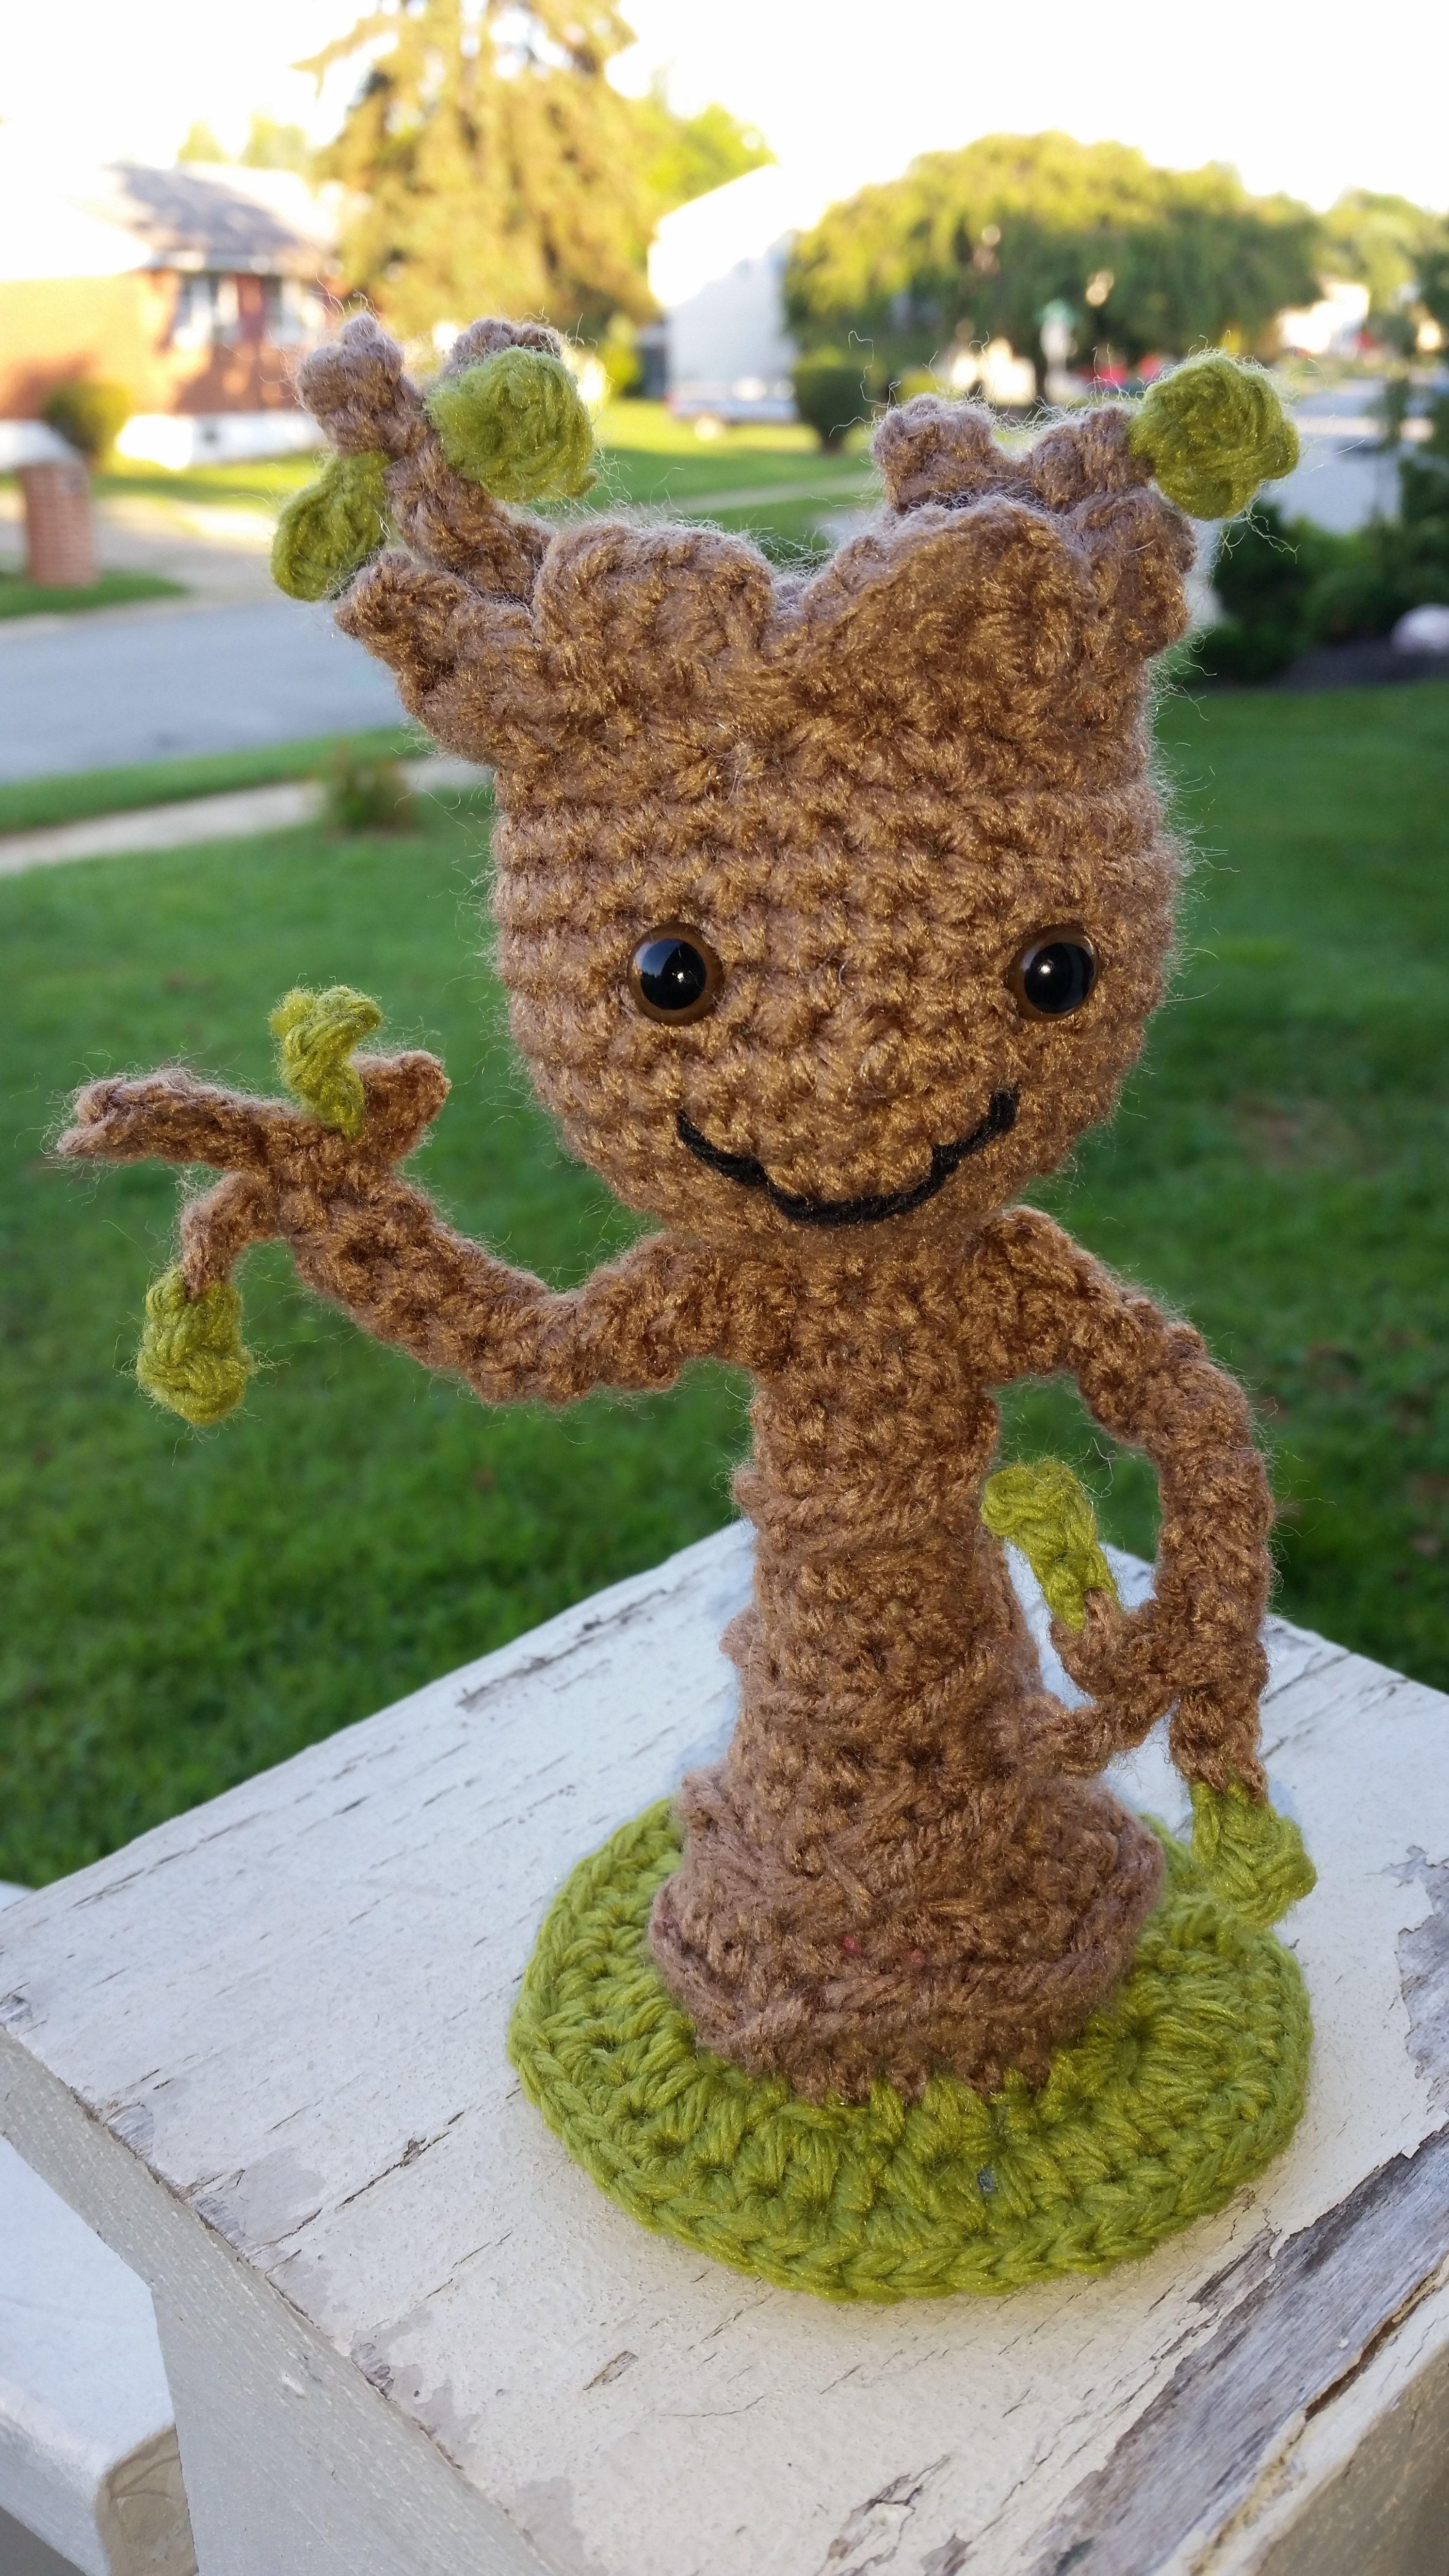 Crochet Baby Groot To Order Httpswwwfacebookcom